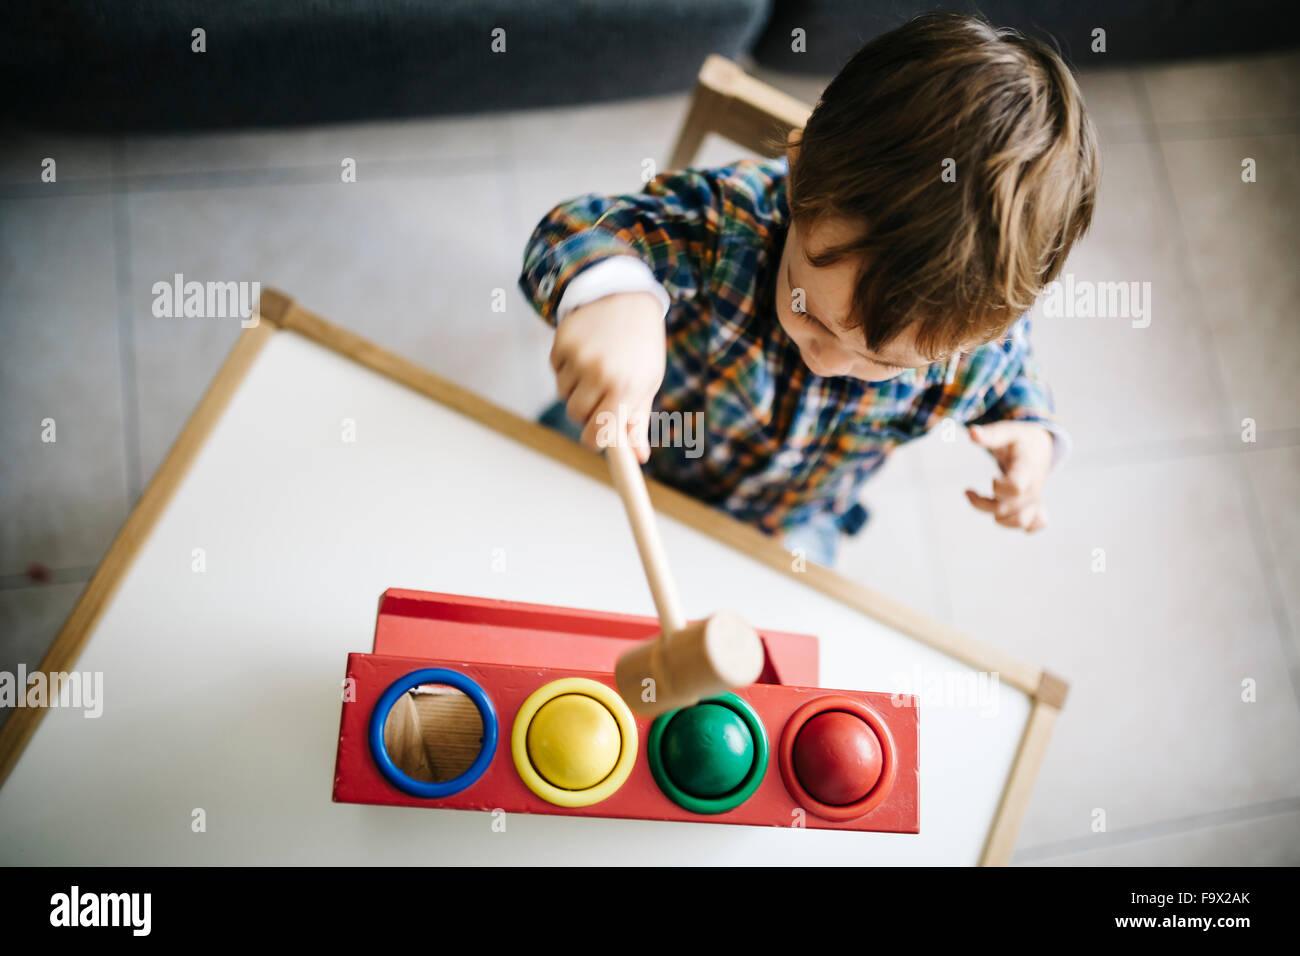 Chico jugar con juguetes de habilidades motoras de madera Imagen De Stock